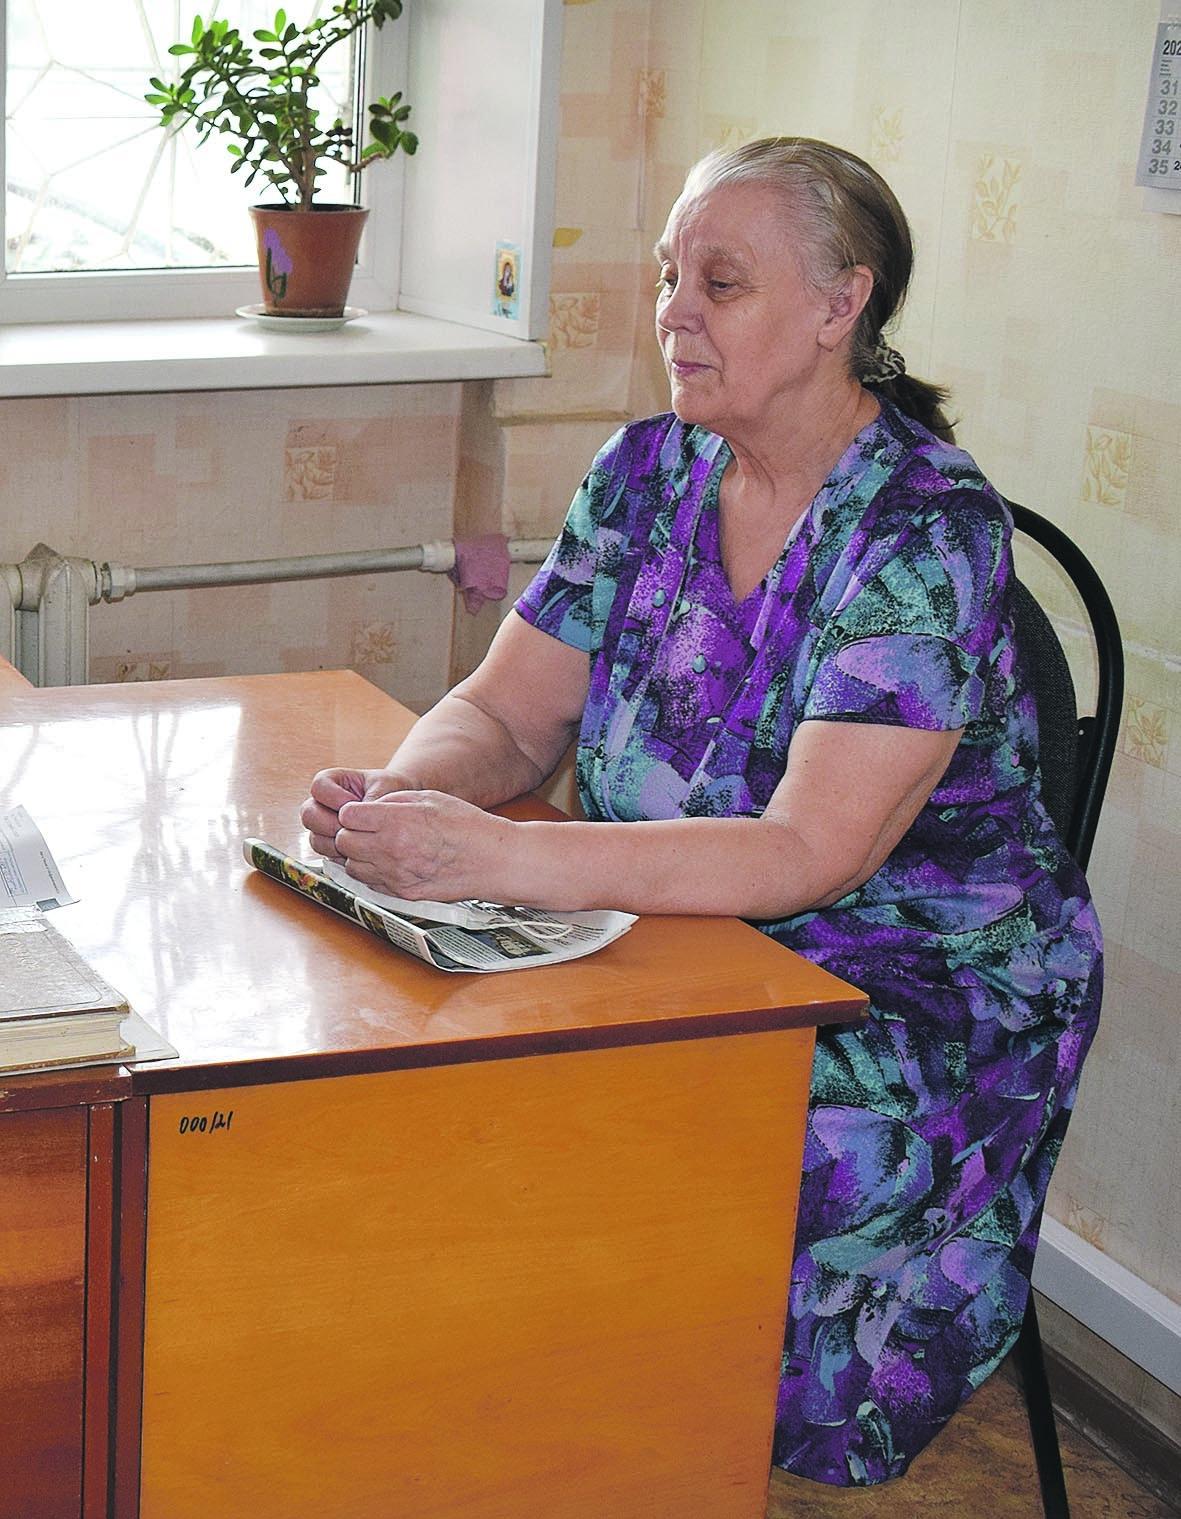 Белокалитвинка Лидия Алексеевна Салютина рассказала, как она жила в период самоизоляции